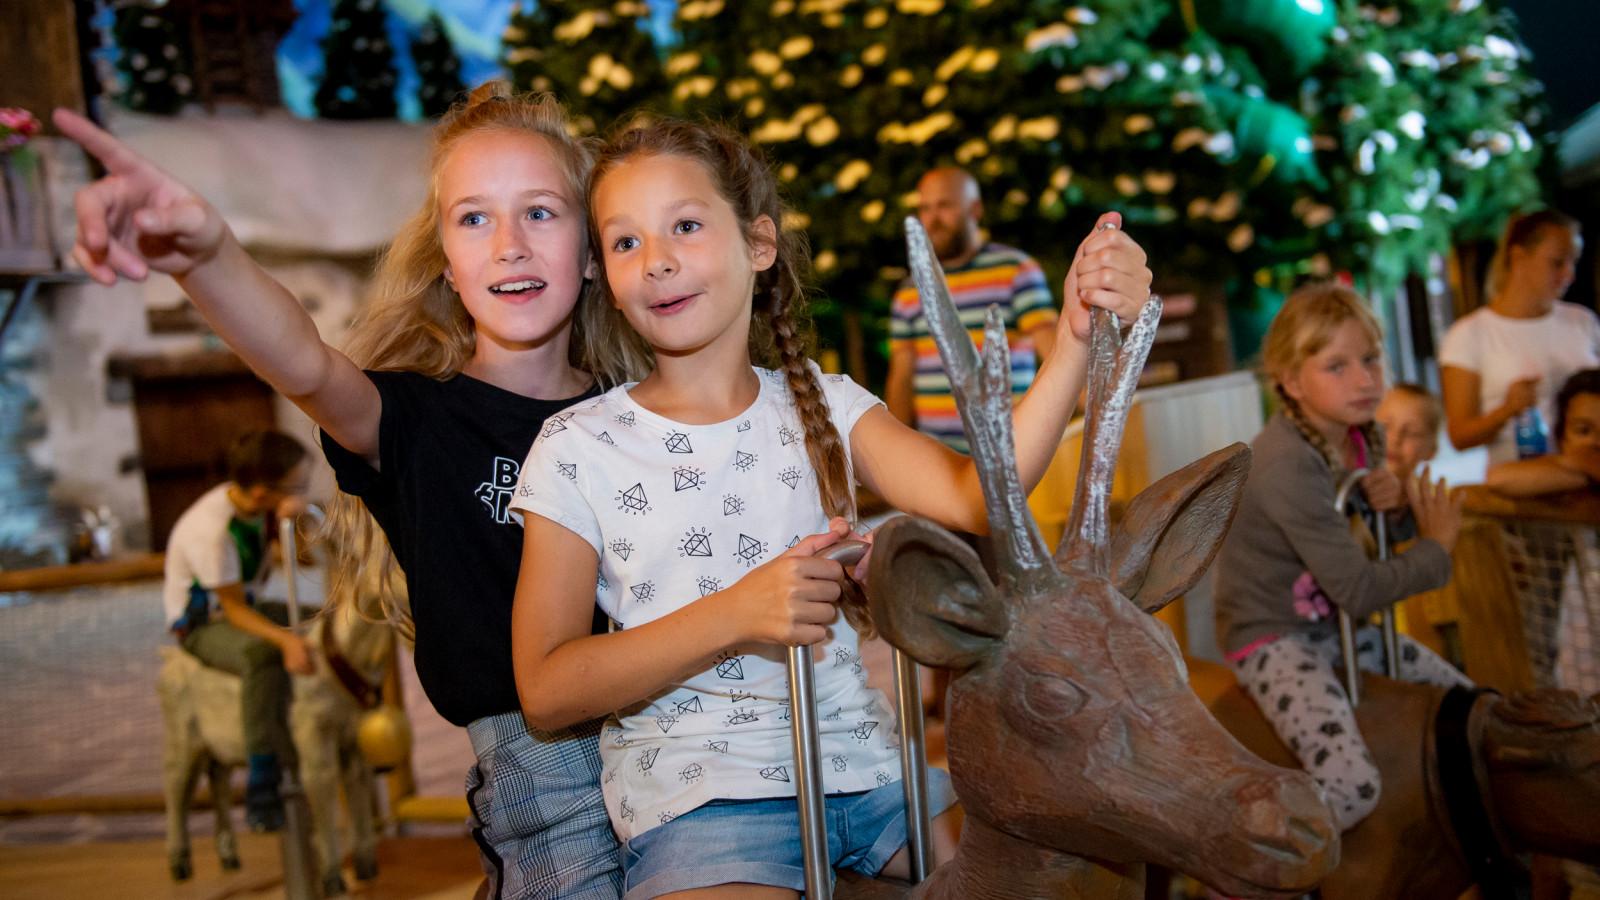 Holiday Indoor im Holiday Park öffnet jetzt auch im Winter